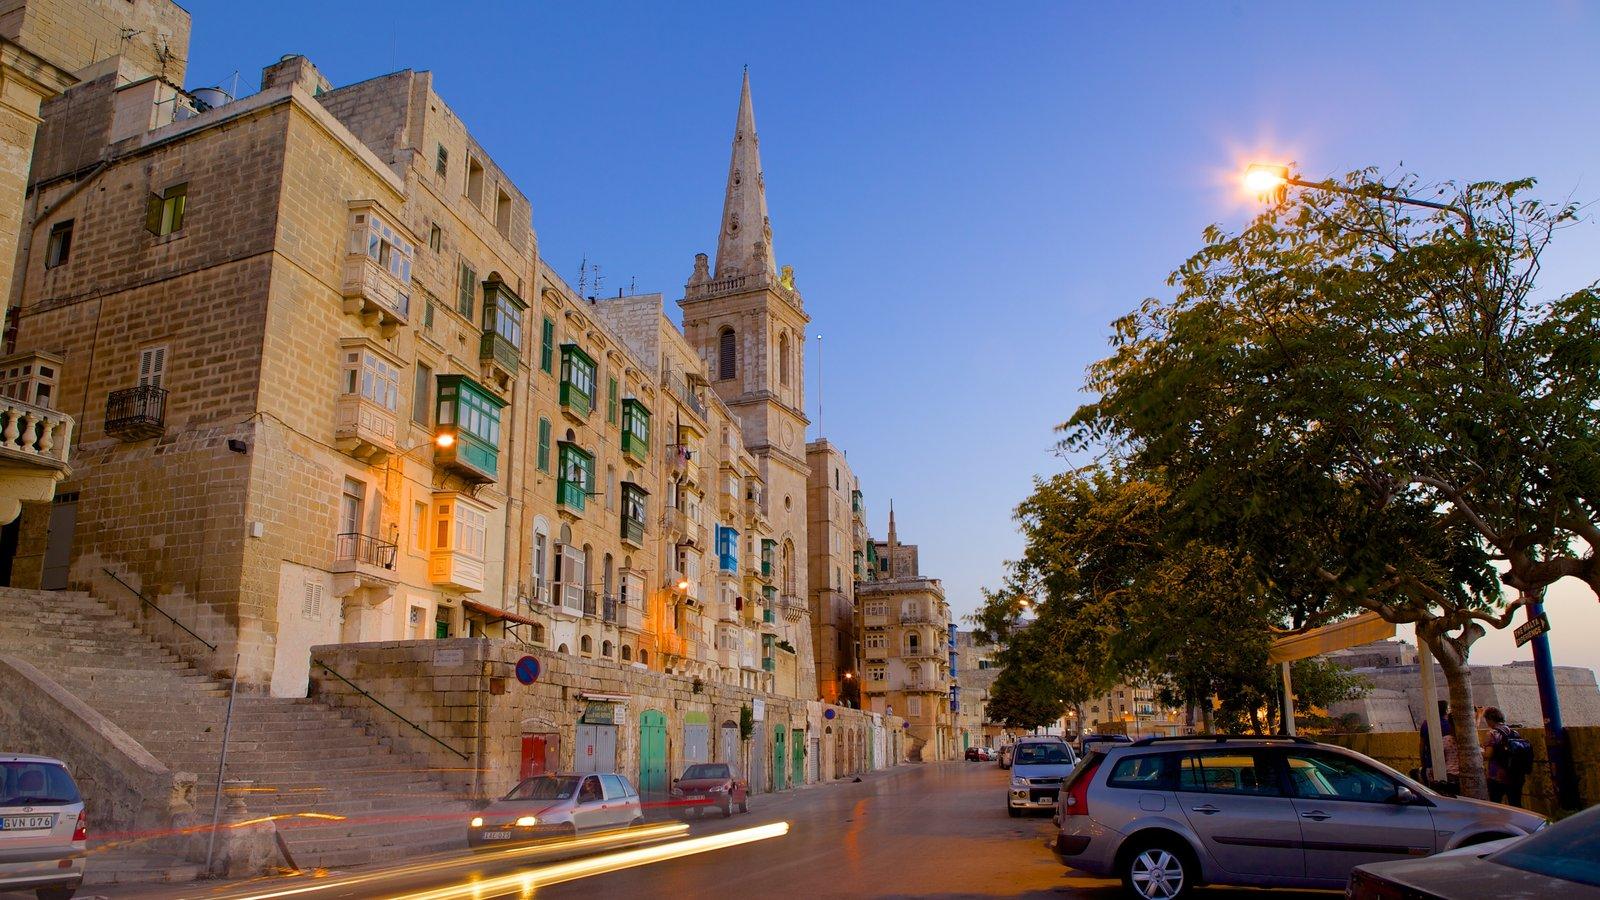 La Valeta ofreciendo patrimonio de arquitectura, una ciudad y escenas urbanas